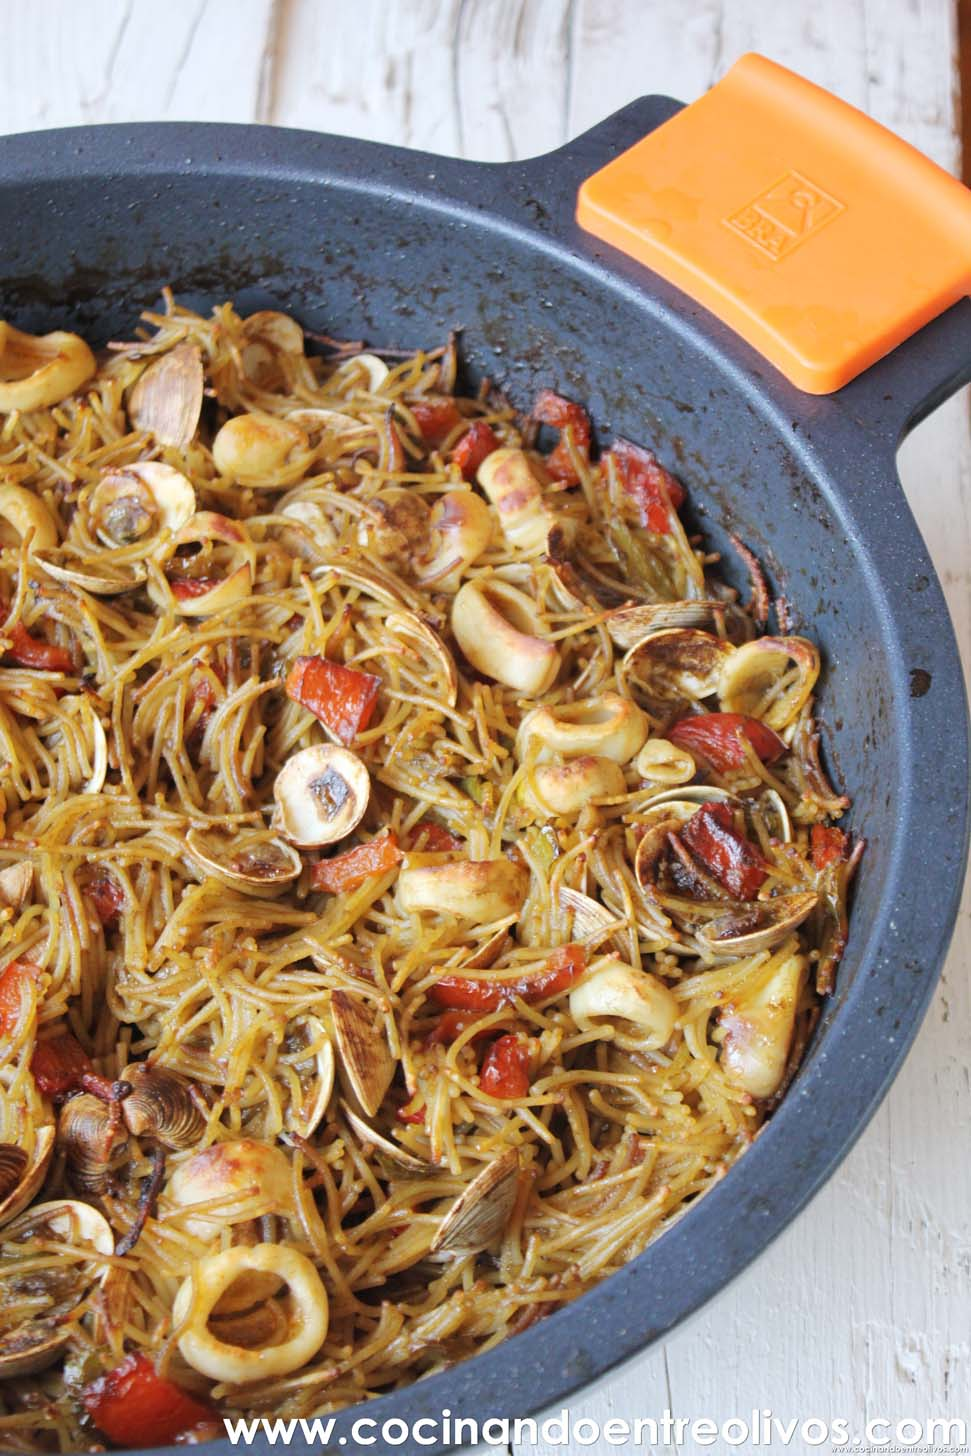 Cocinando entre olivos la caja sorpresa degustabox y la for Cocinando entre olivos